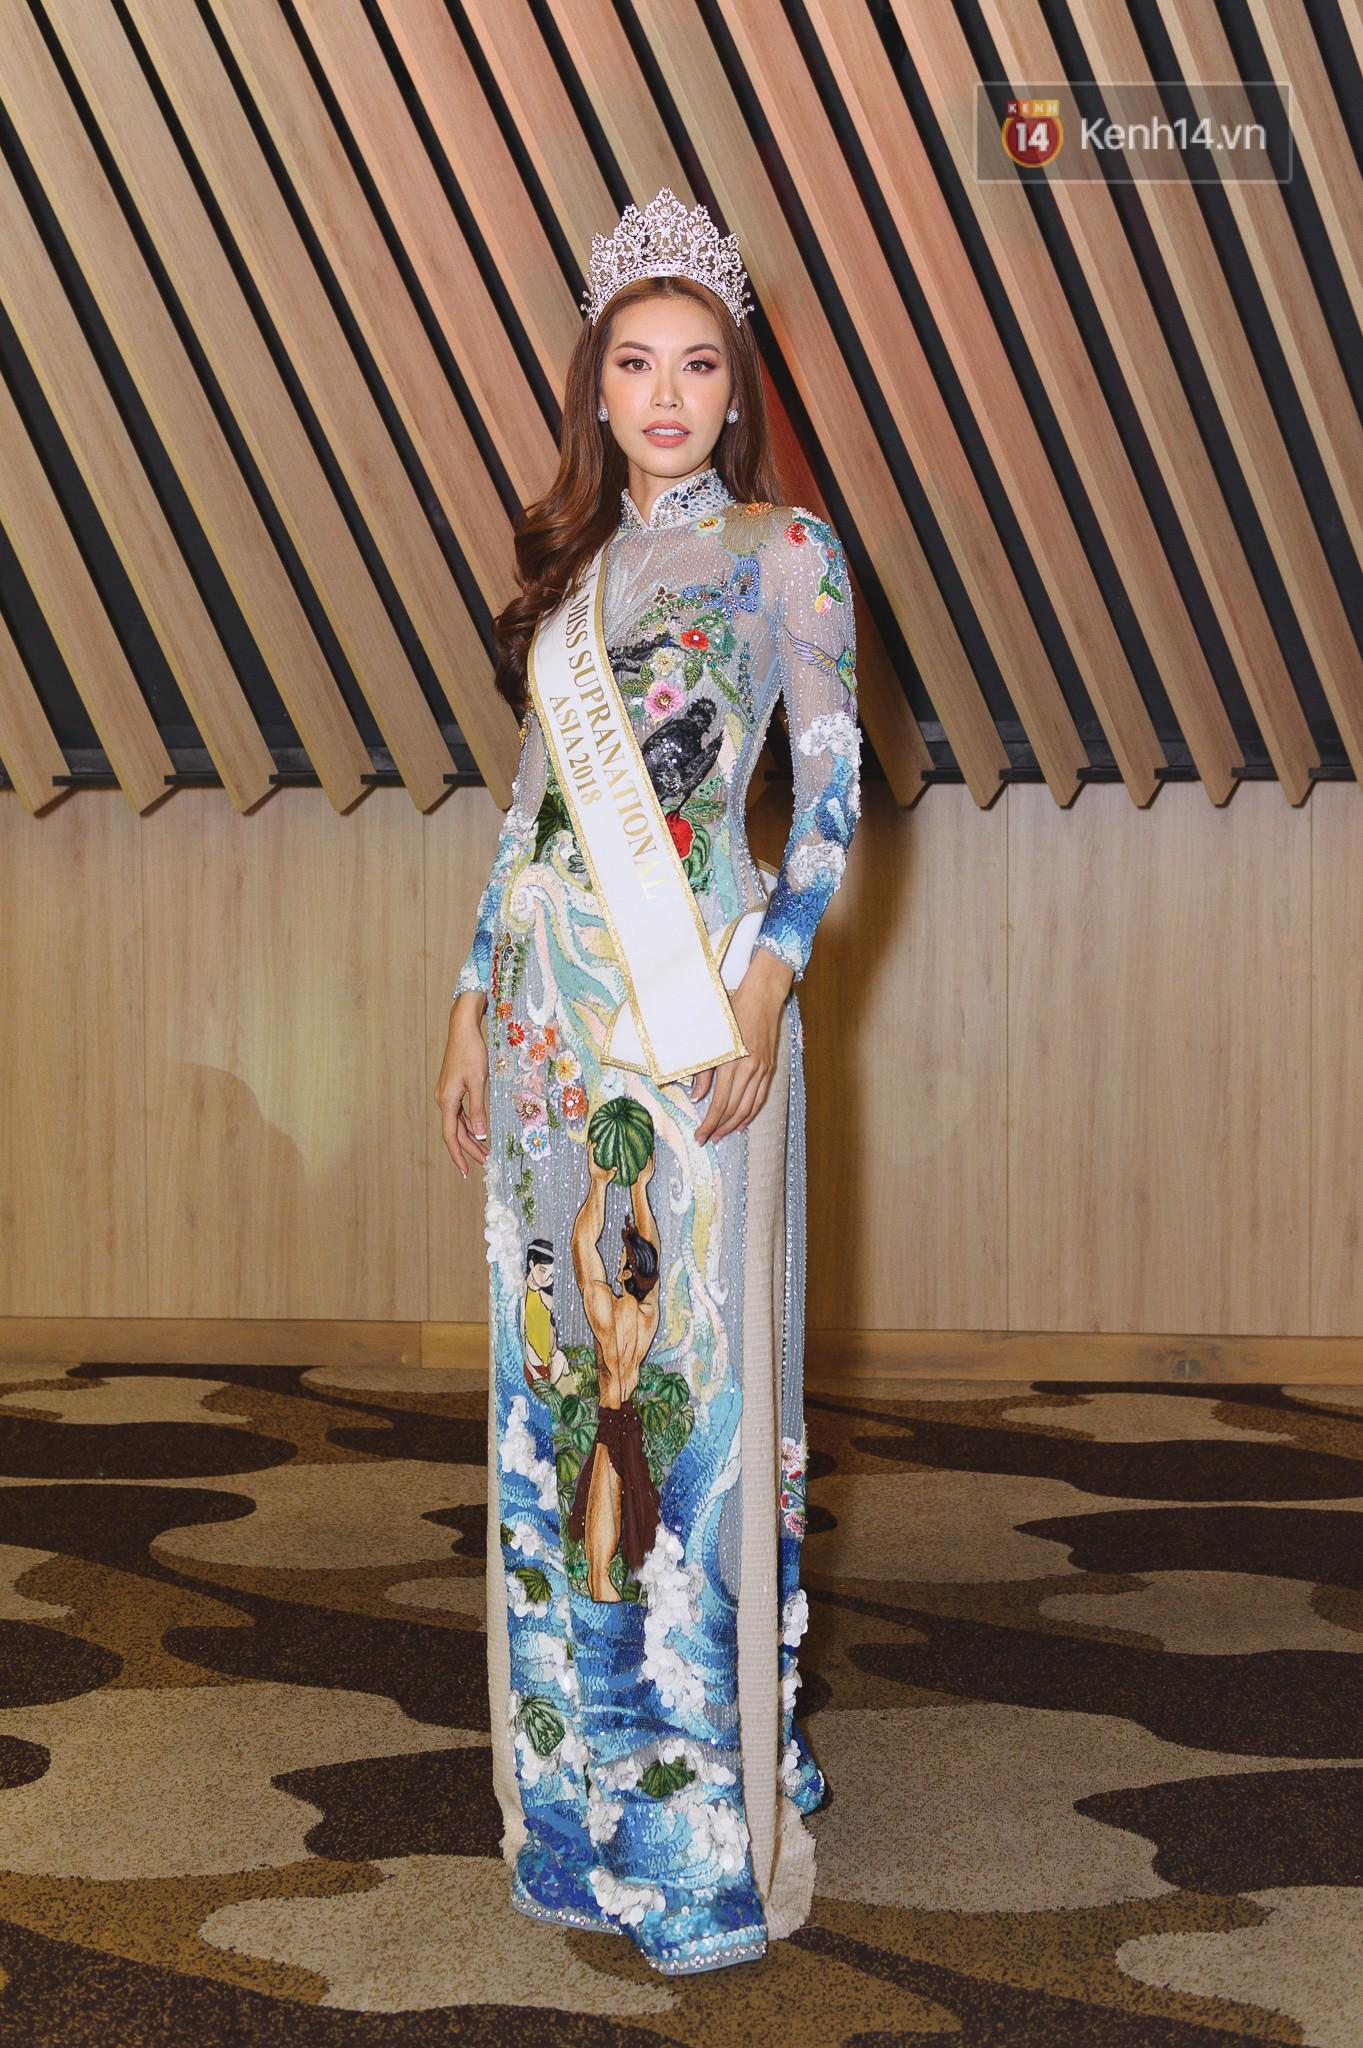 Tân Hoa hậu Siêu quốc gia 2018 phản ứng bất ngờ về loạt scandal của Minh Tú tại Miss Supranational 2018 - Ảnh 8.